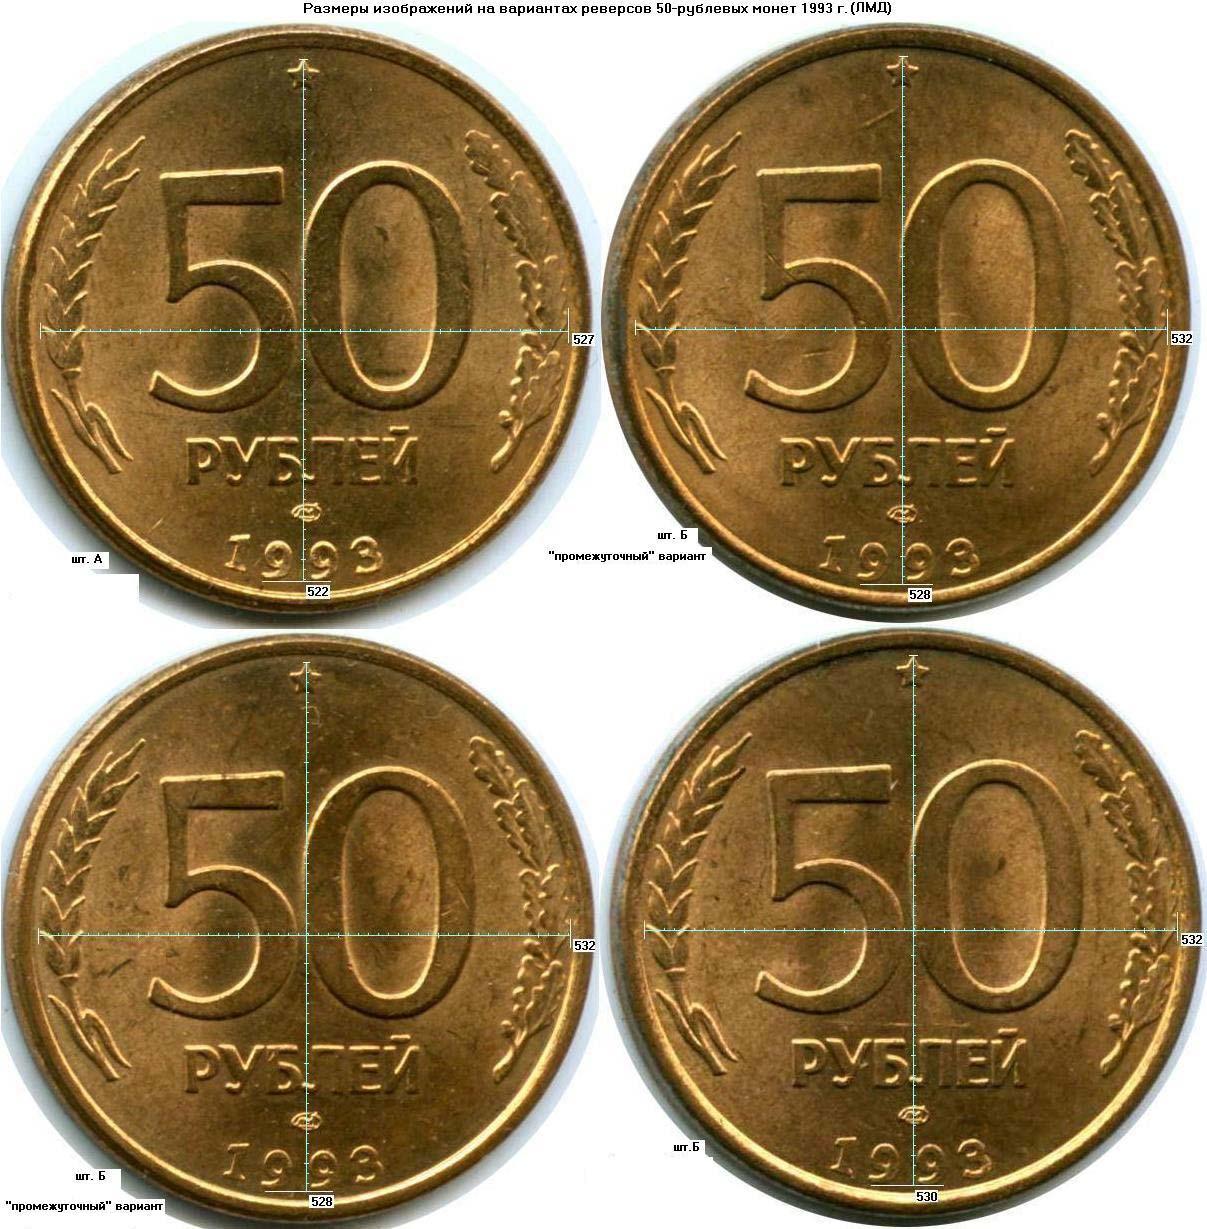 Самые ценные монеты современной России: цены